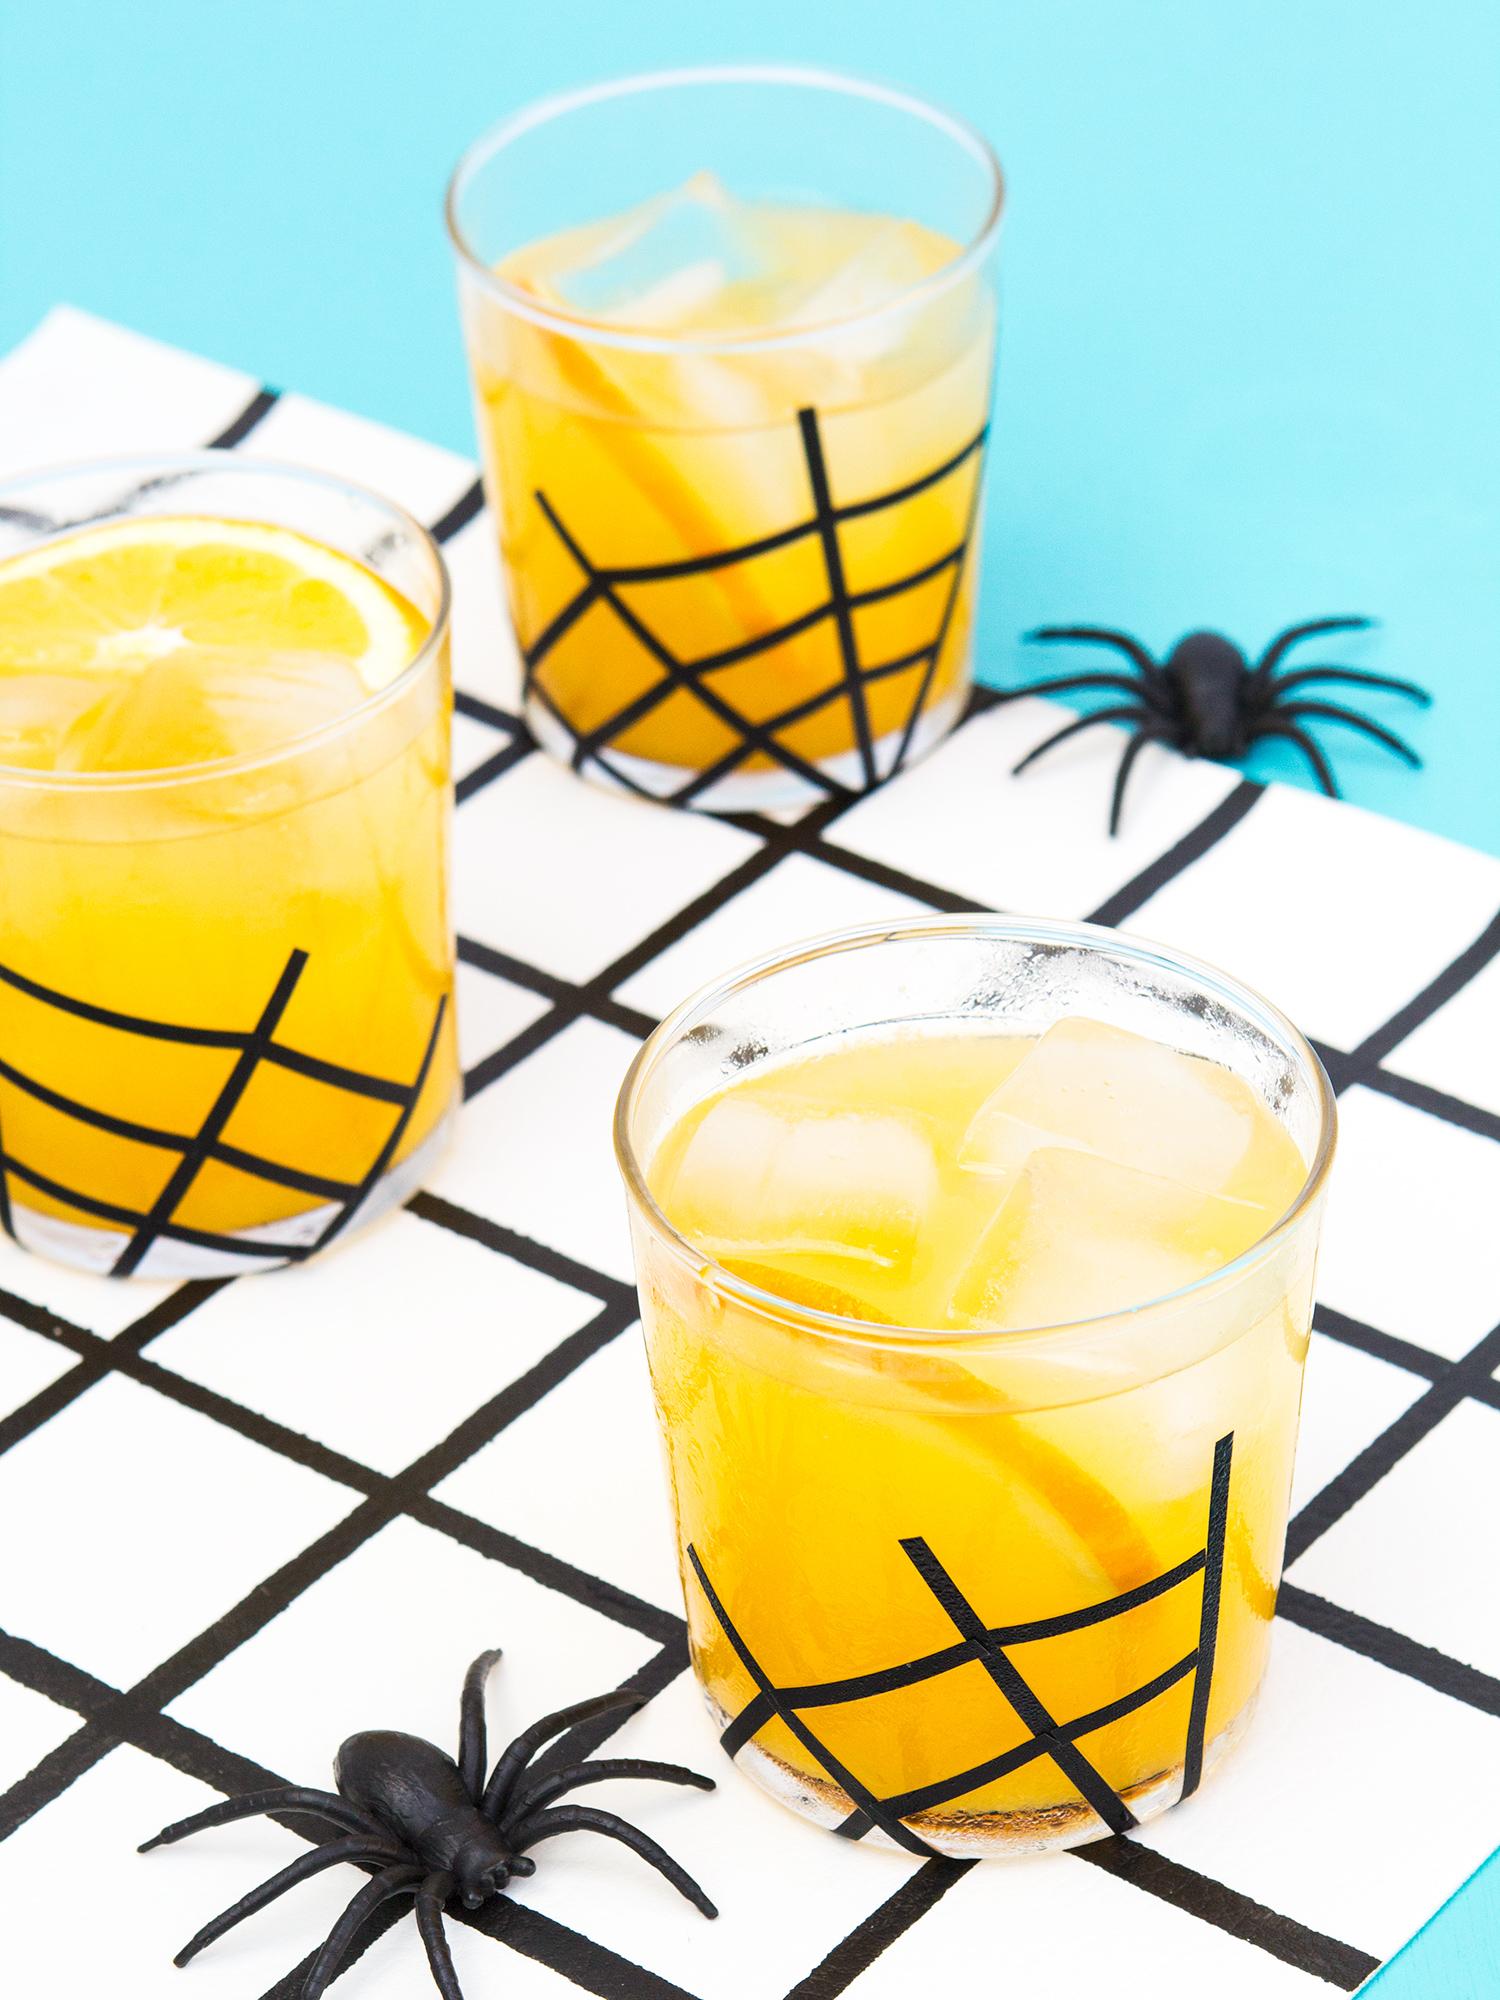 Spider web glassware